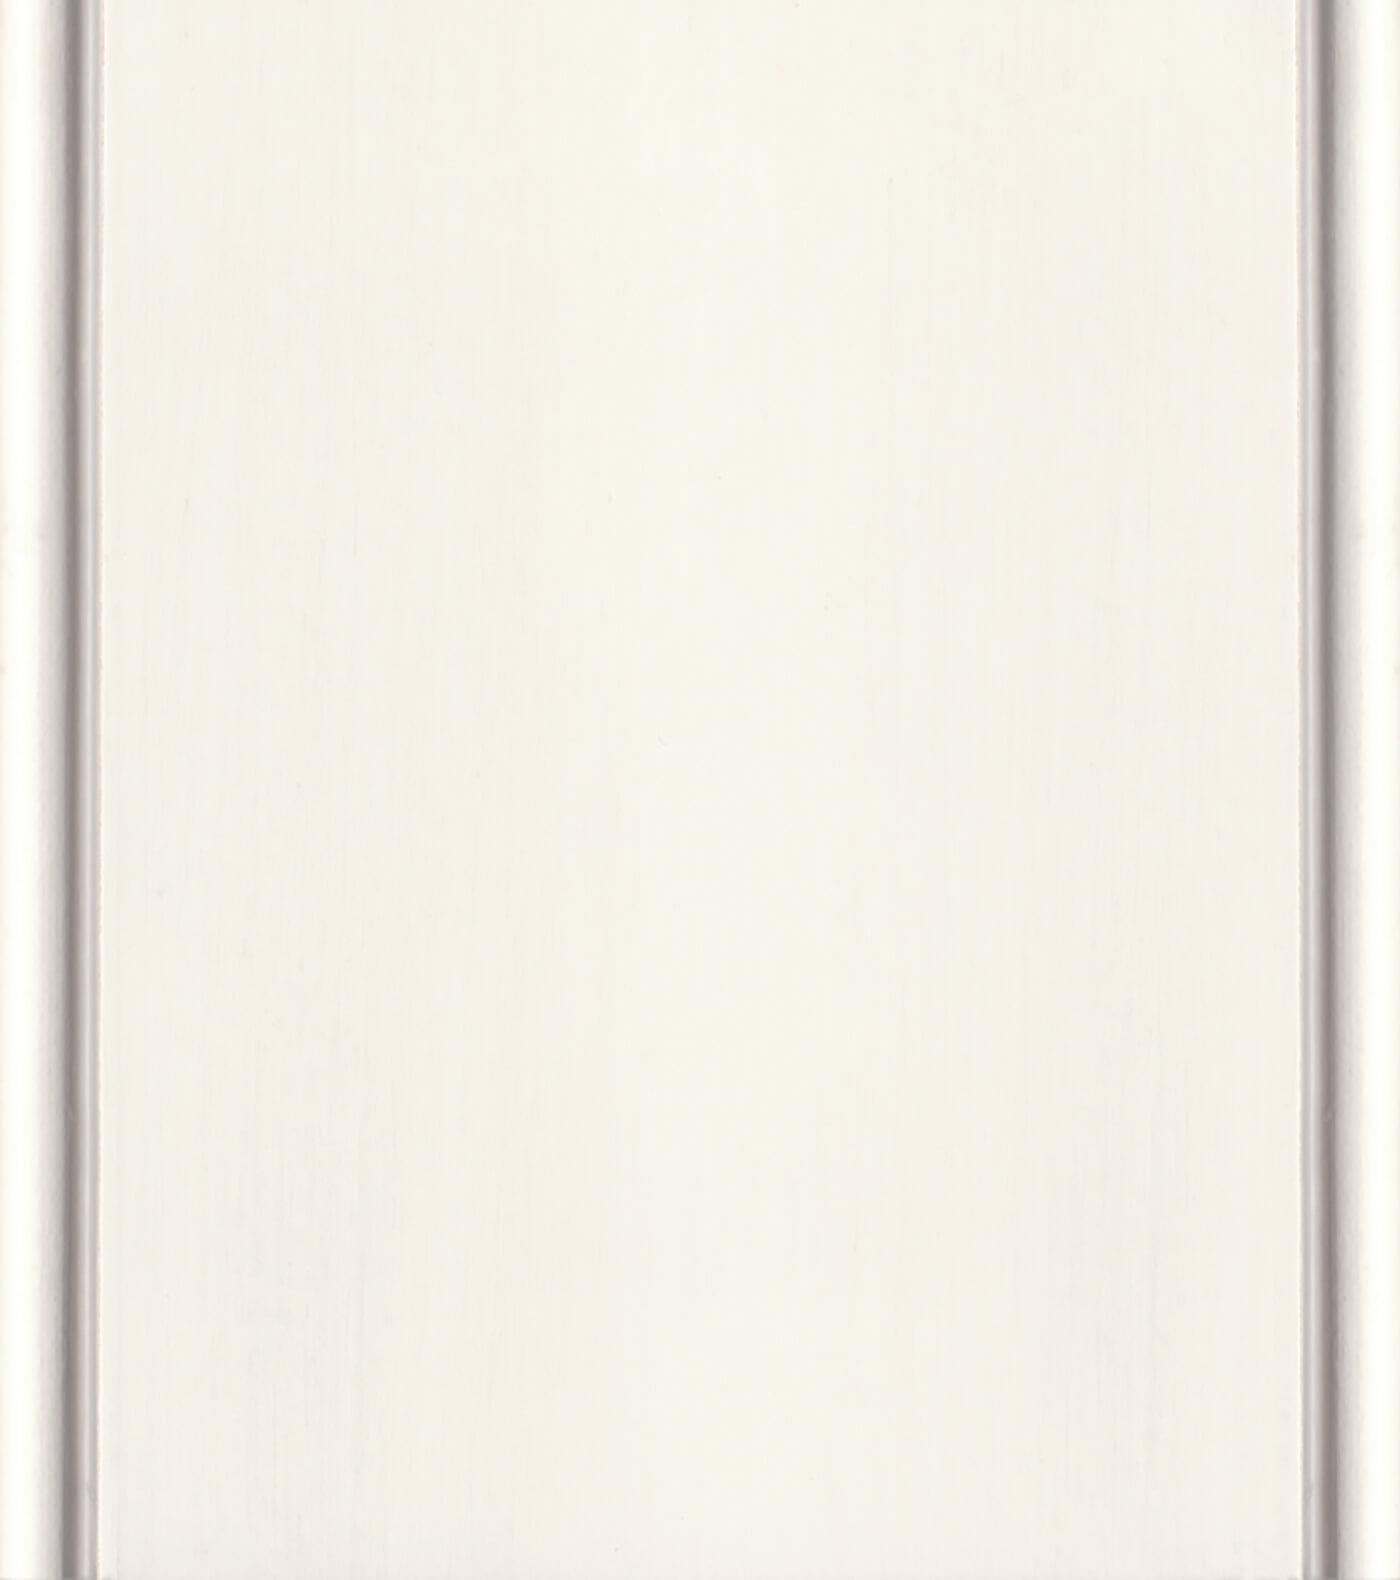 Classic White / Platinum Paint/ Glaze Finish on Paintable